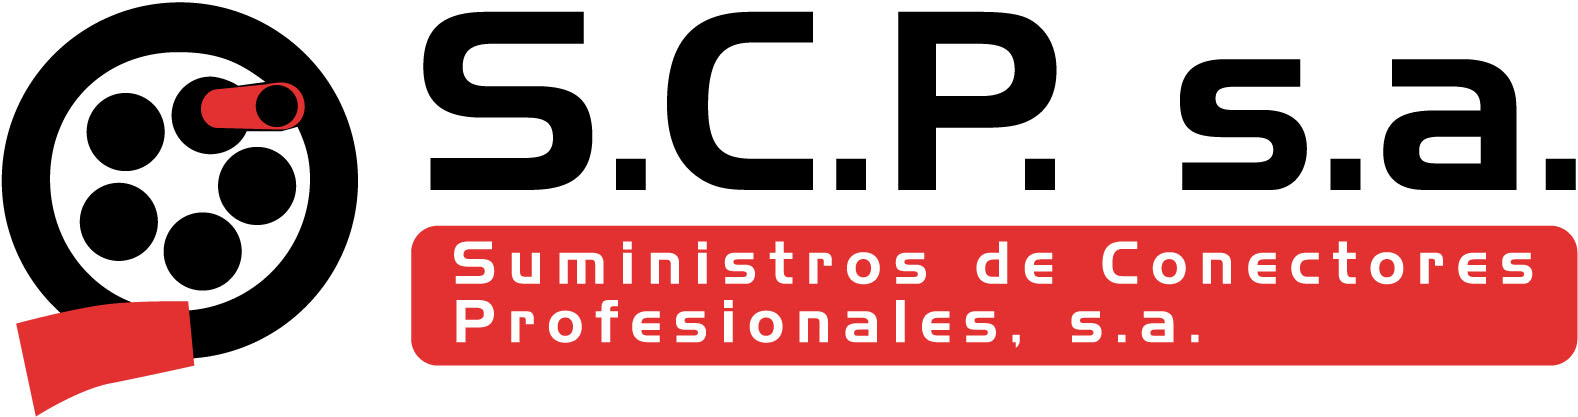 Suministros de Conectores Profesionales